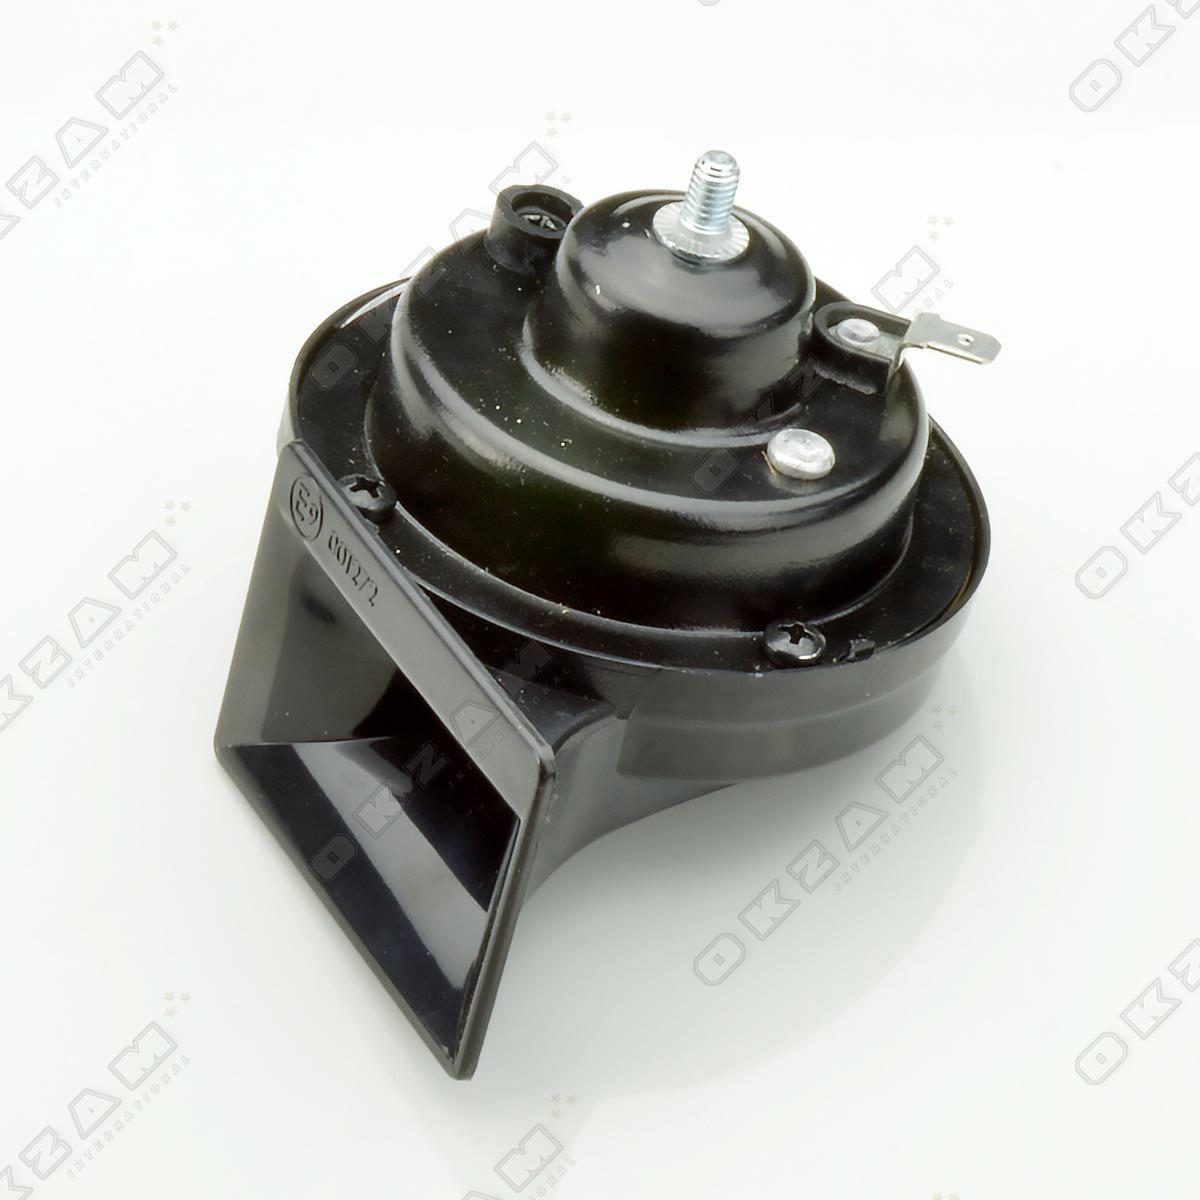 1x signalhorn hupe signalanlage hochton schwarz f r fiat. Black Bedroom Furniture Sets. Home Design Ideas